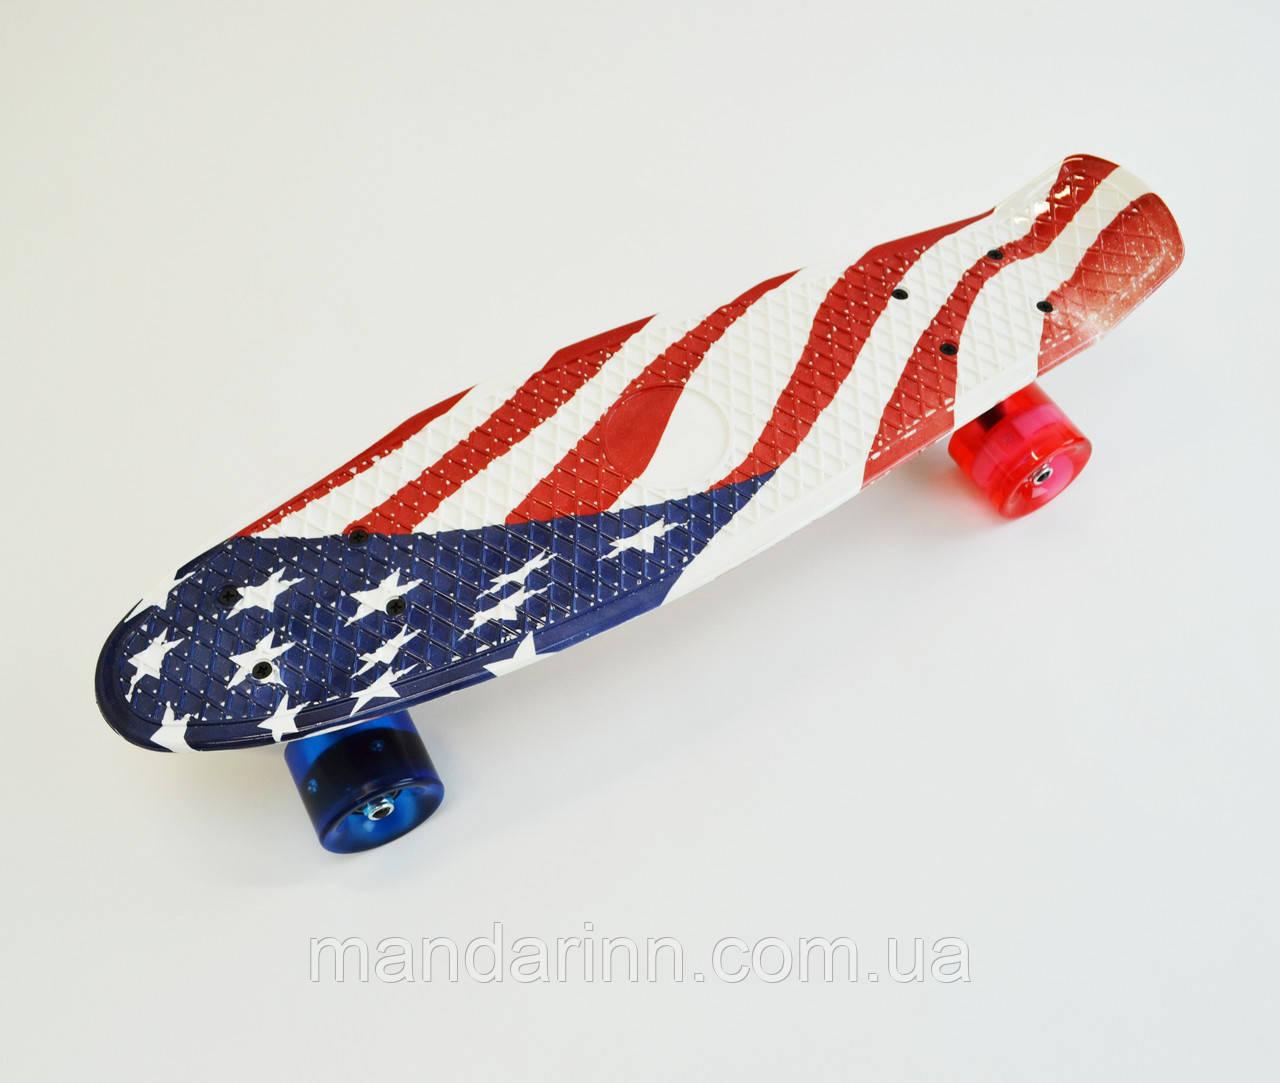 Penny Board Original 22 USA Led